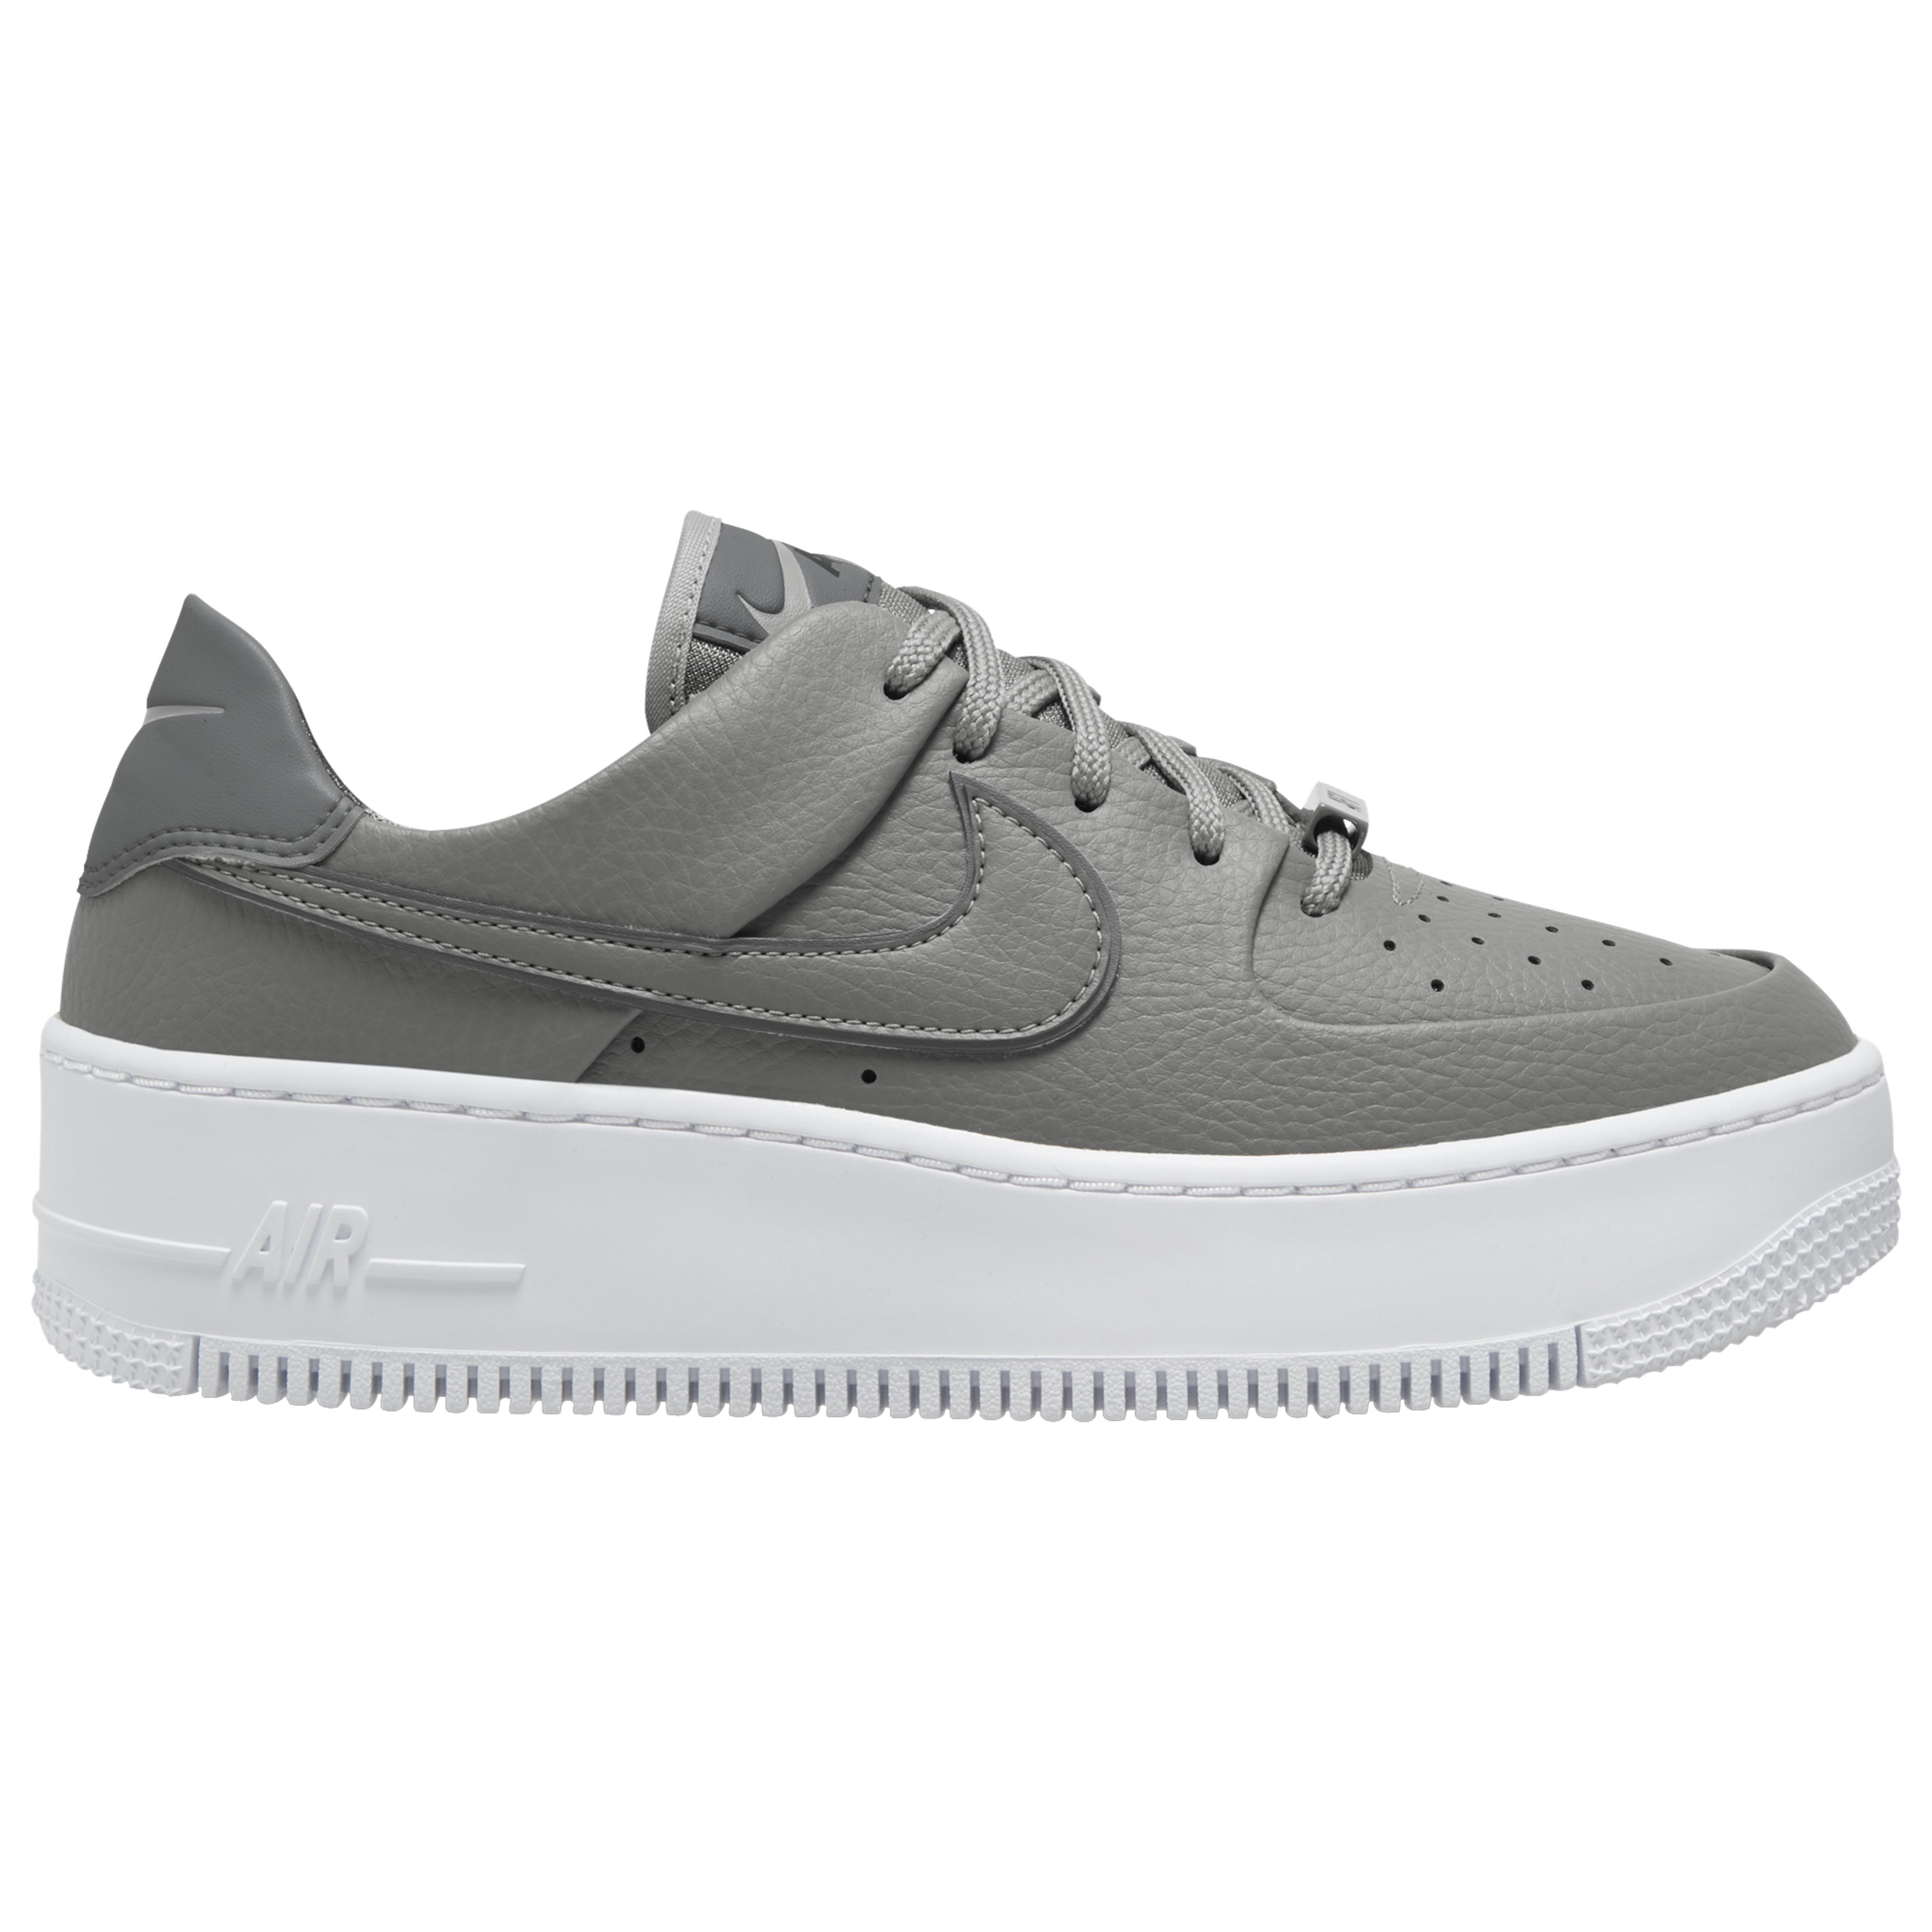 Nike Air Force 1 Sage Low in Smoke Grey